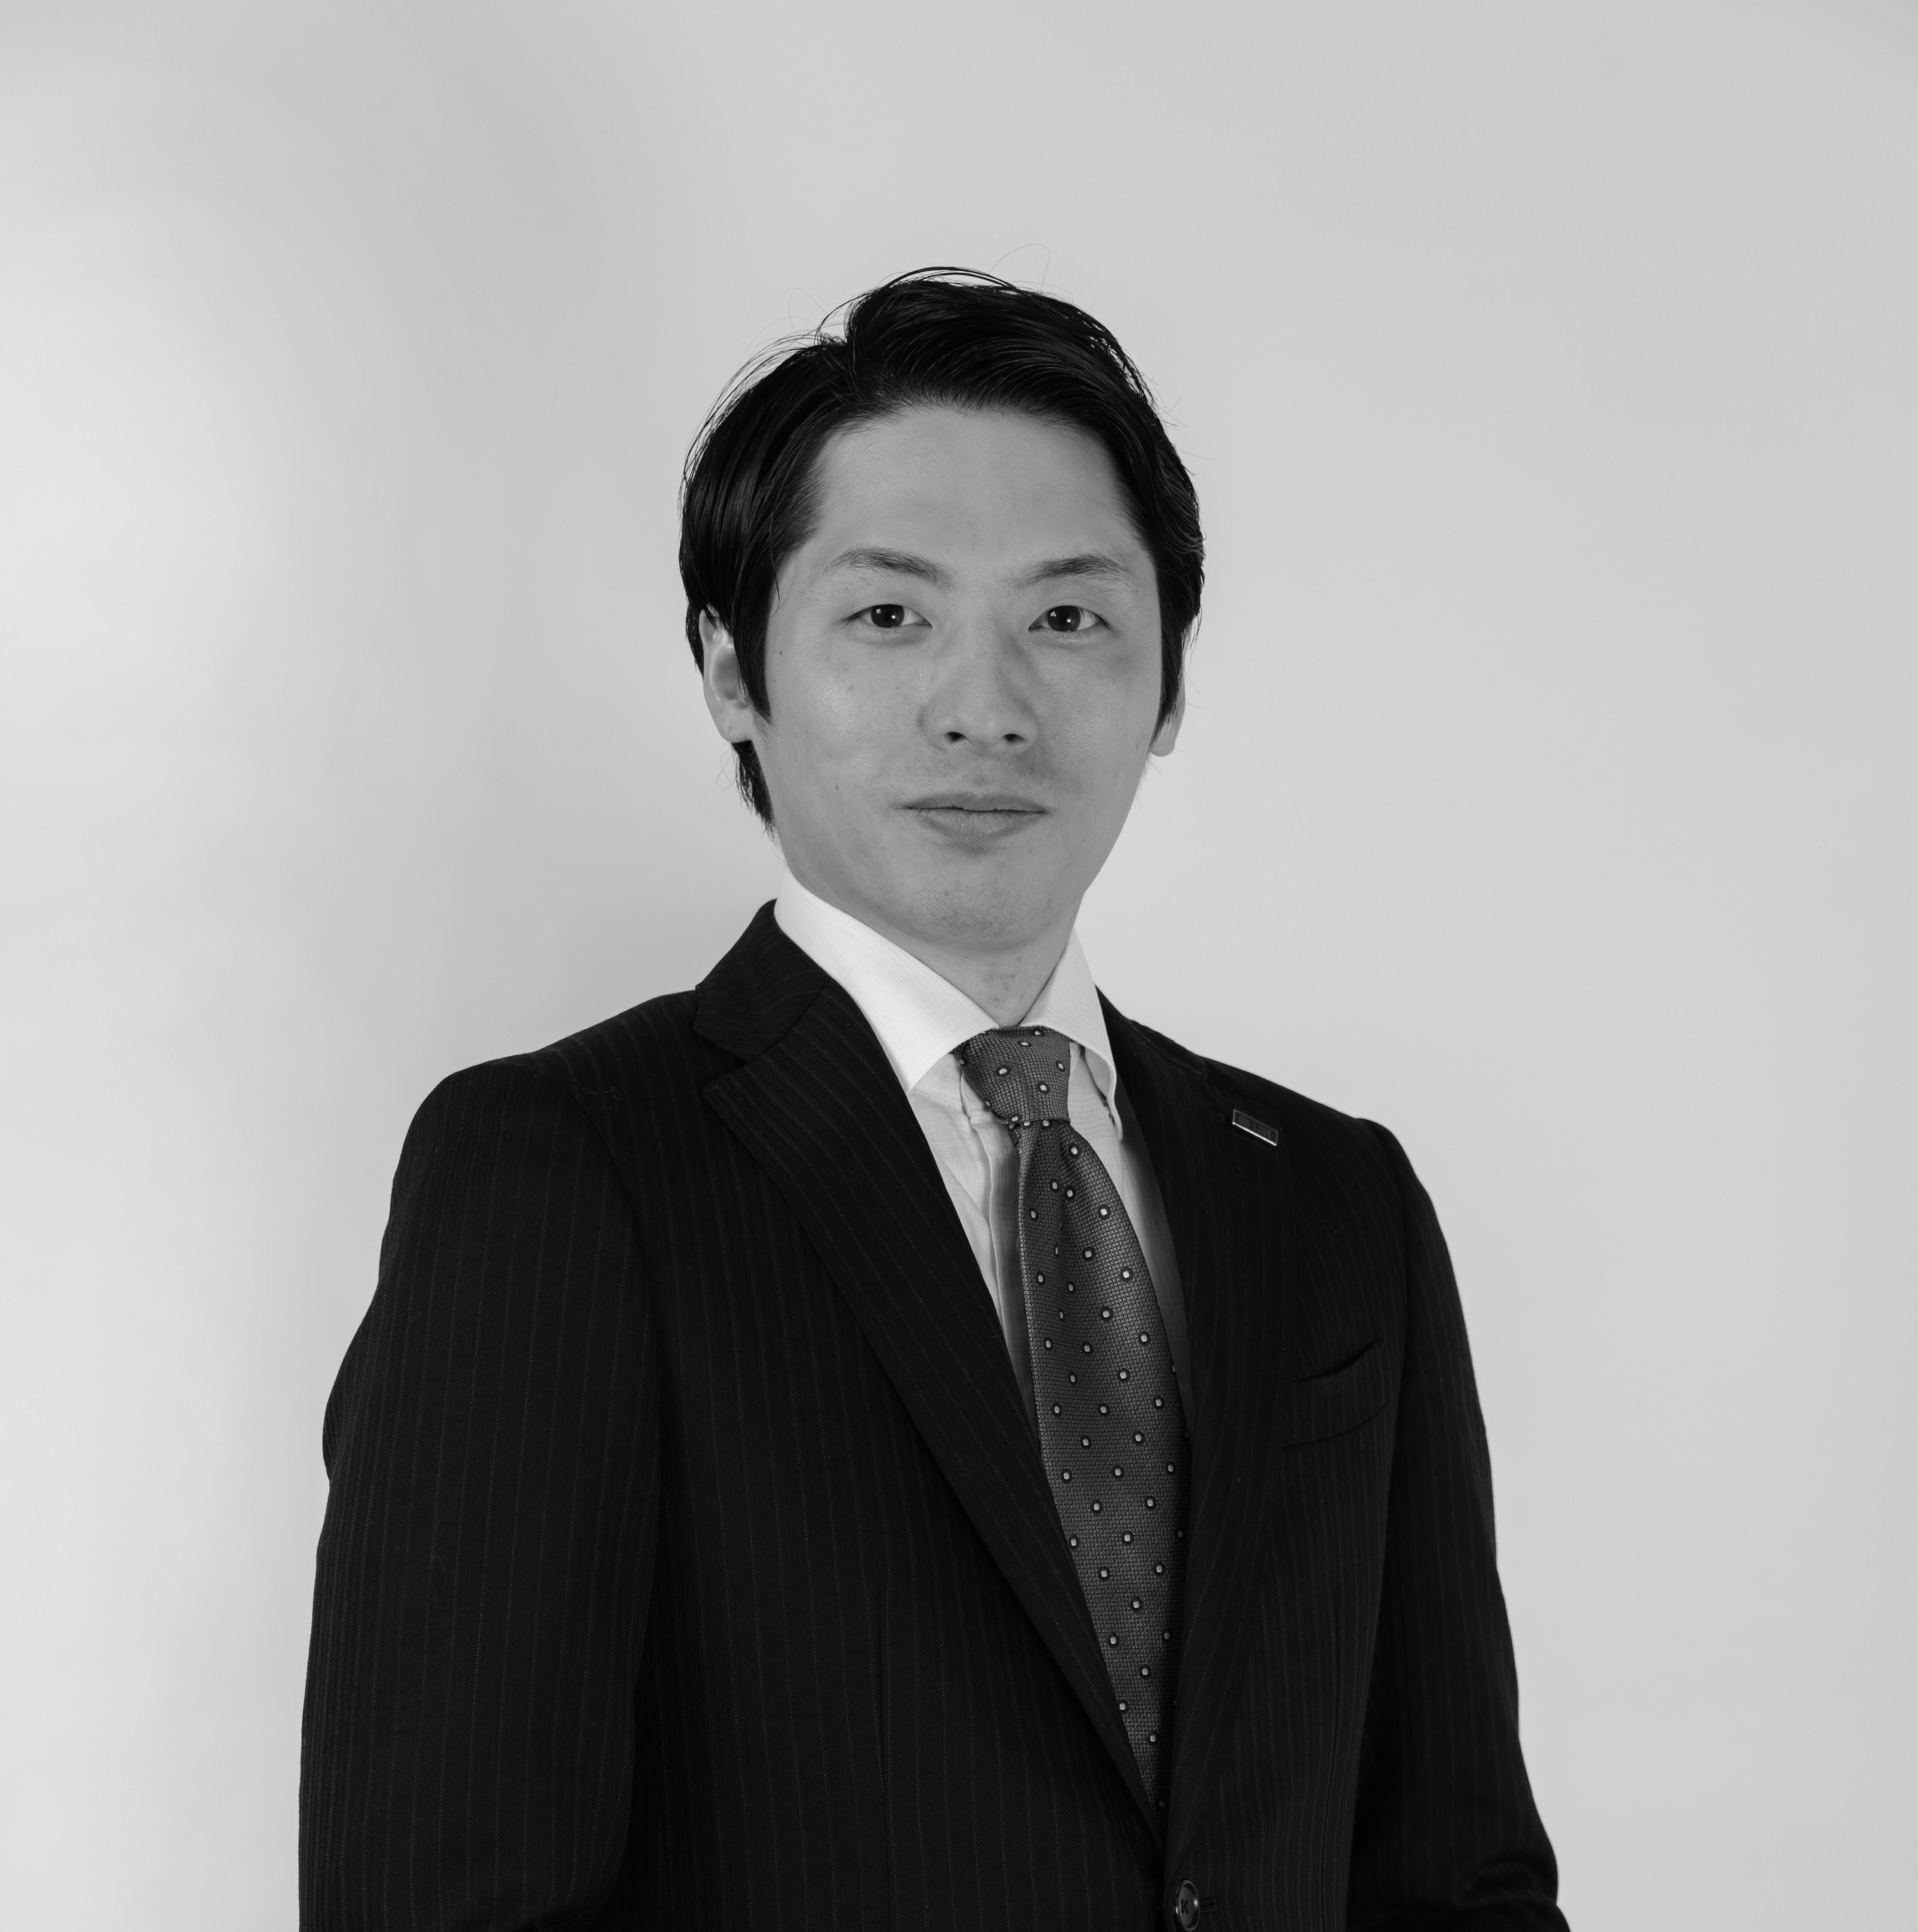 Ryo Tanaka